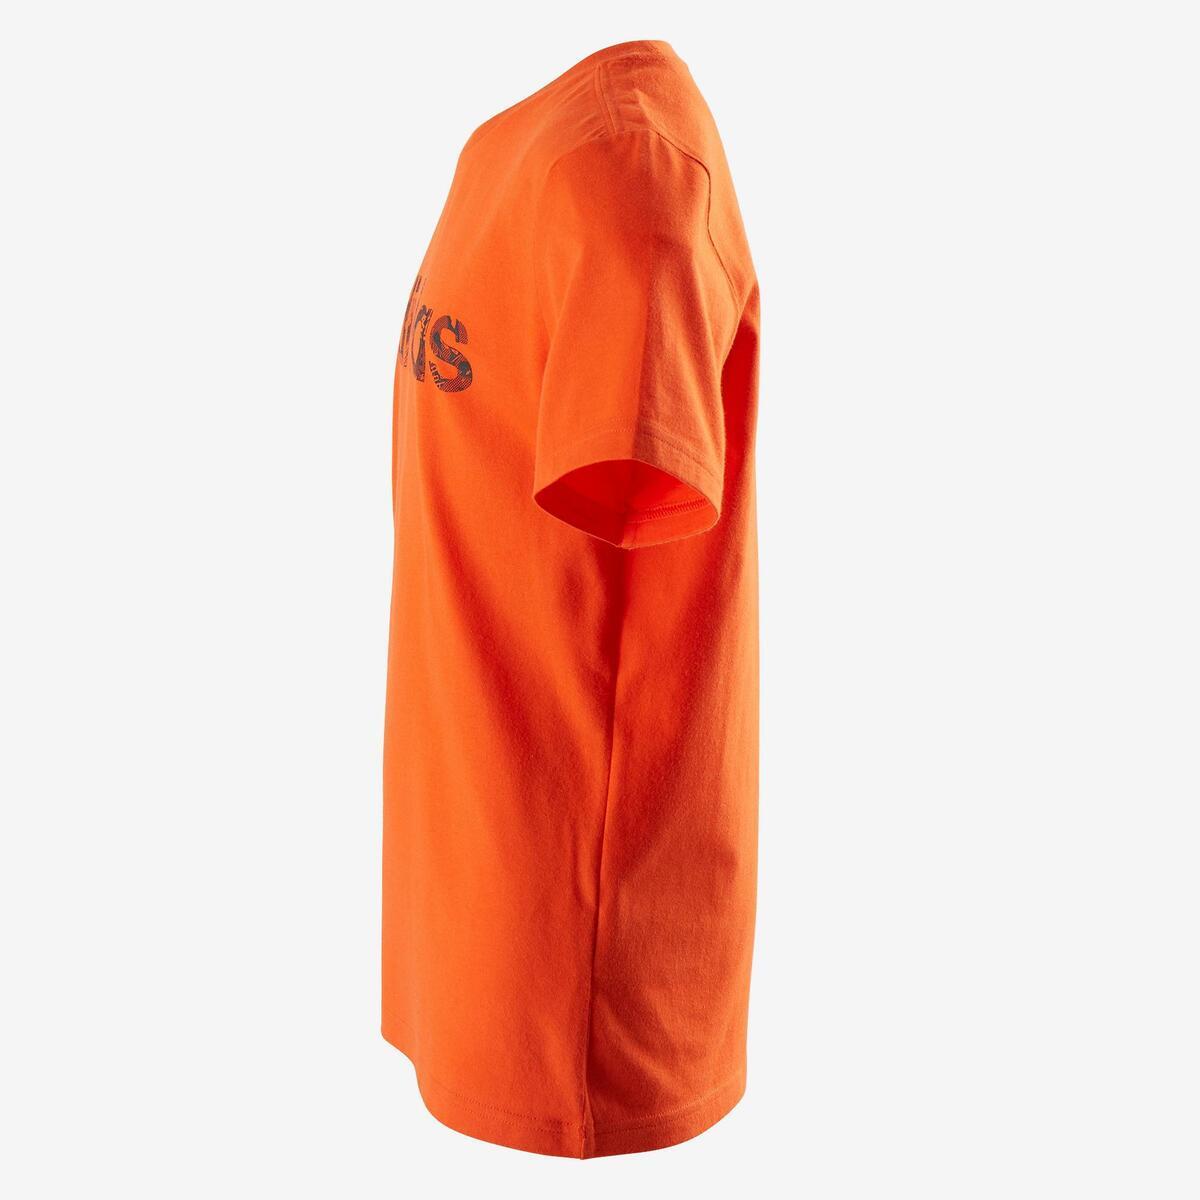 Bild 4 von T-Shirt Fitness Kinder orange